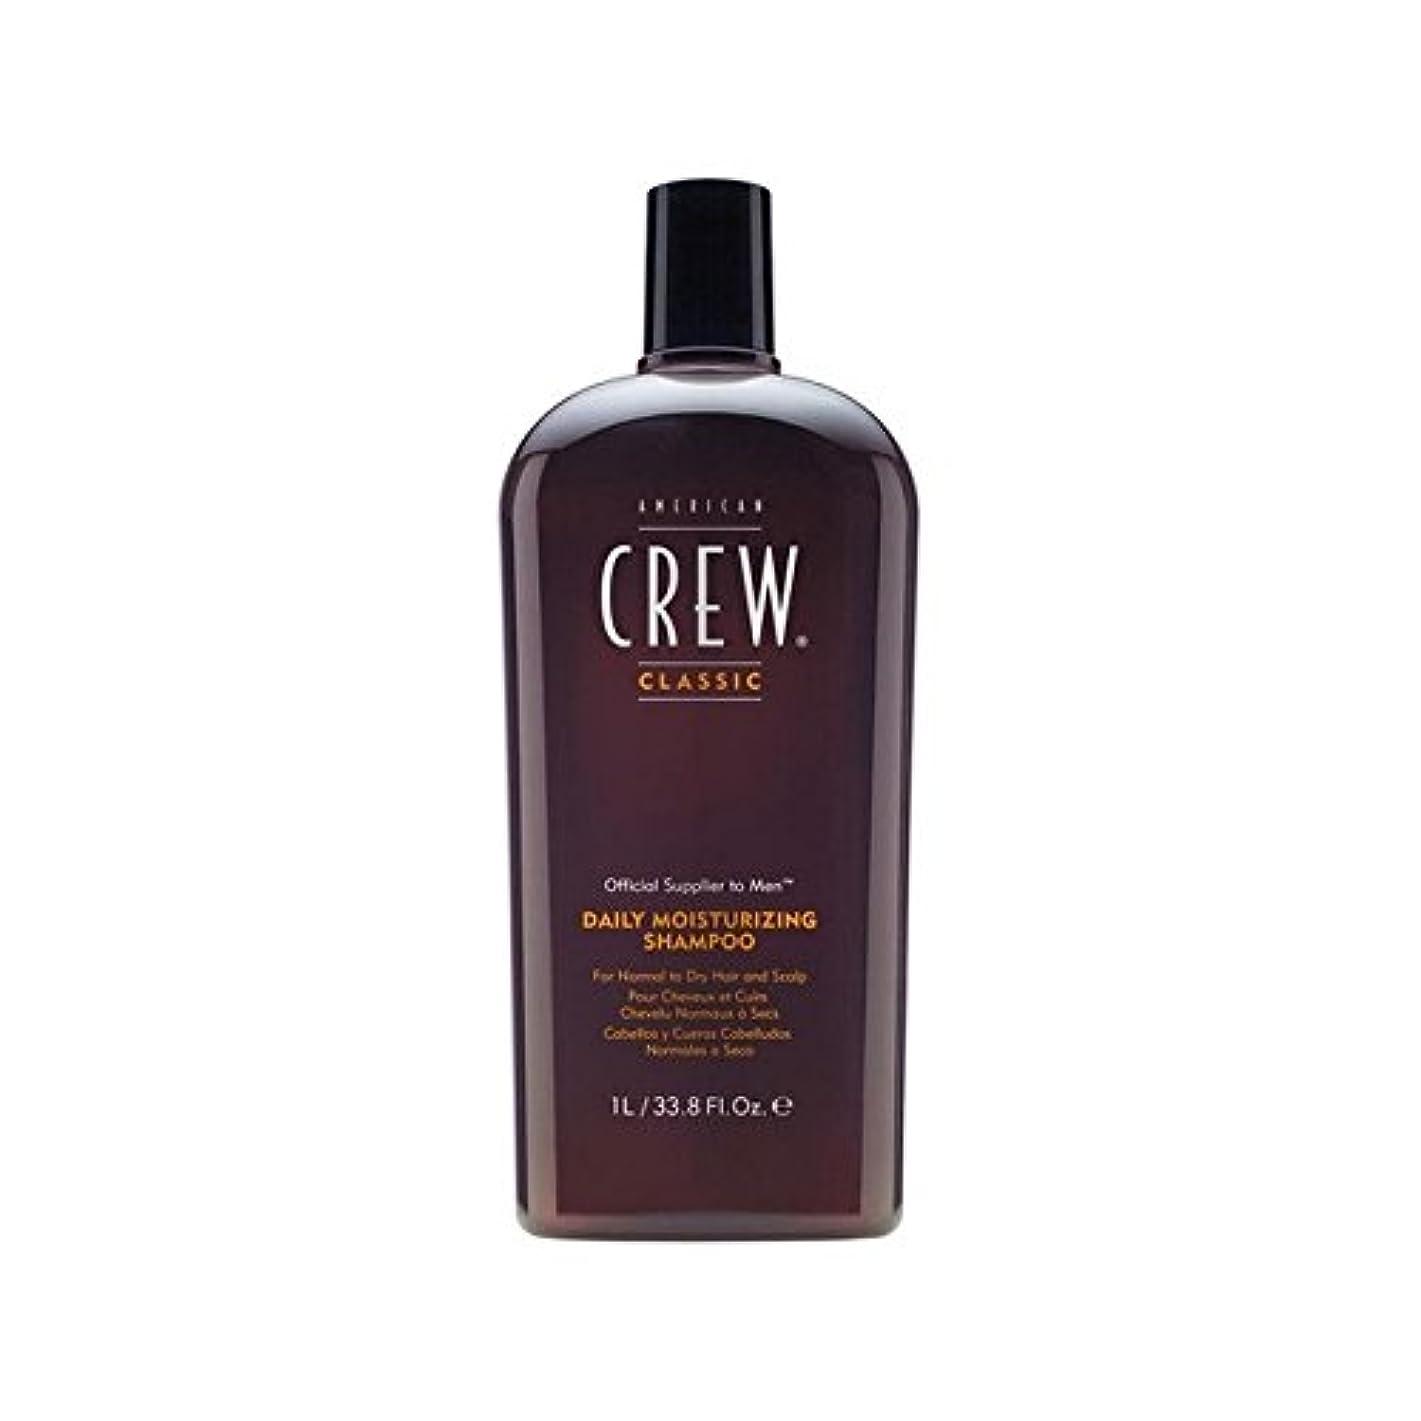 生むずっと大学院アメリカの乗組員の毎日の水分シャンプー(千ミリリットル) x2 - American Crew Daily Moisture Shampoo (1000ml) (Pack of 2) [並行輸入品]